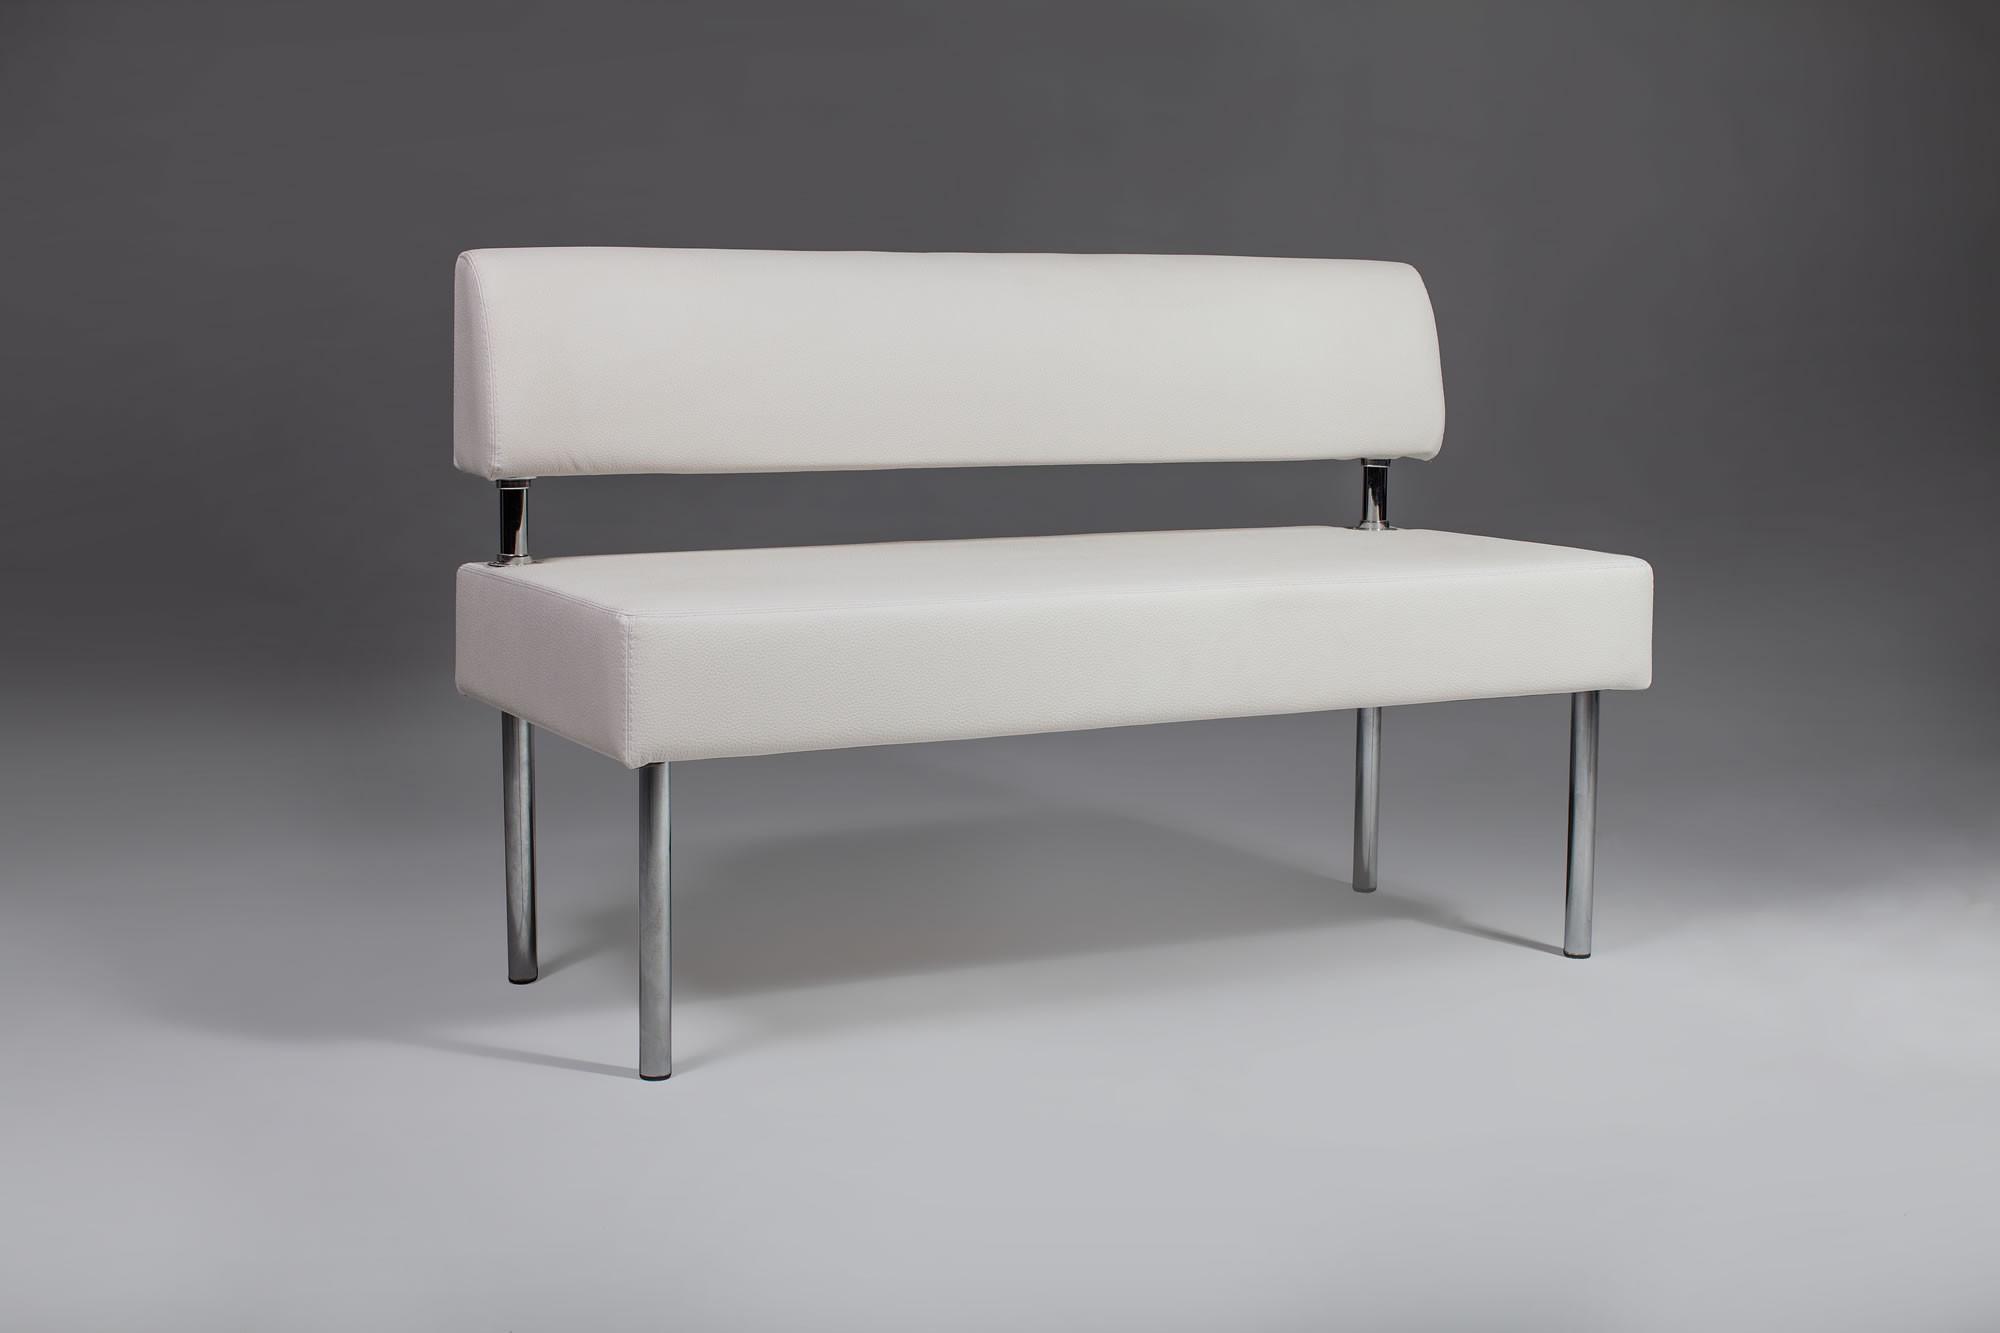 узкий прямой диван на кухню 62 фото кухонный диванчик кровать для